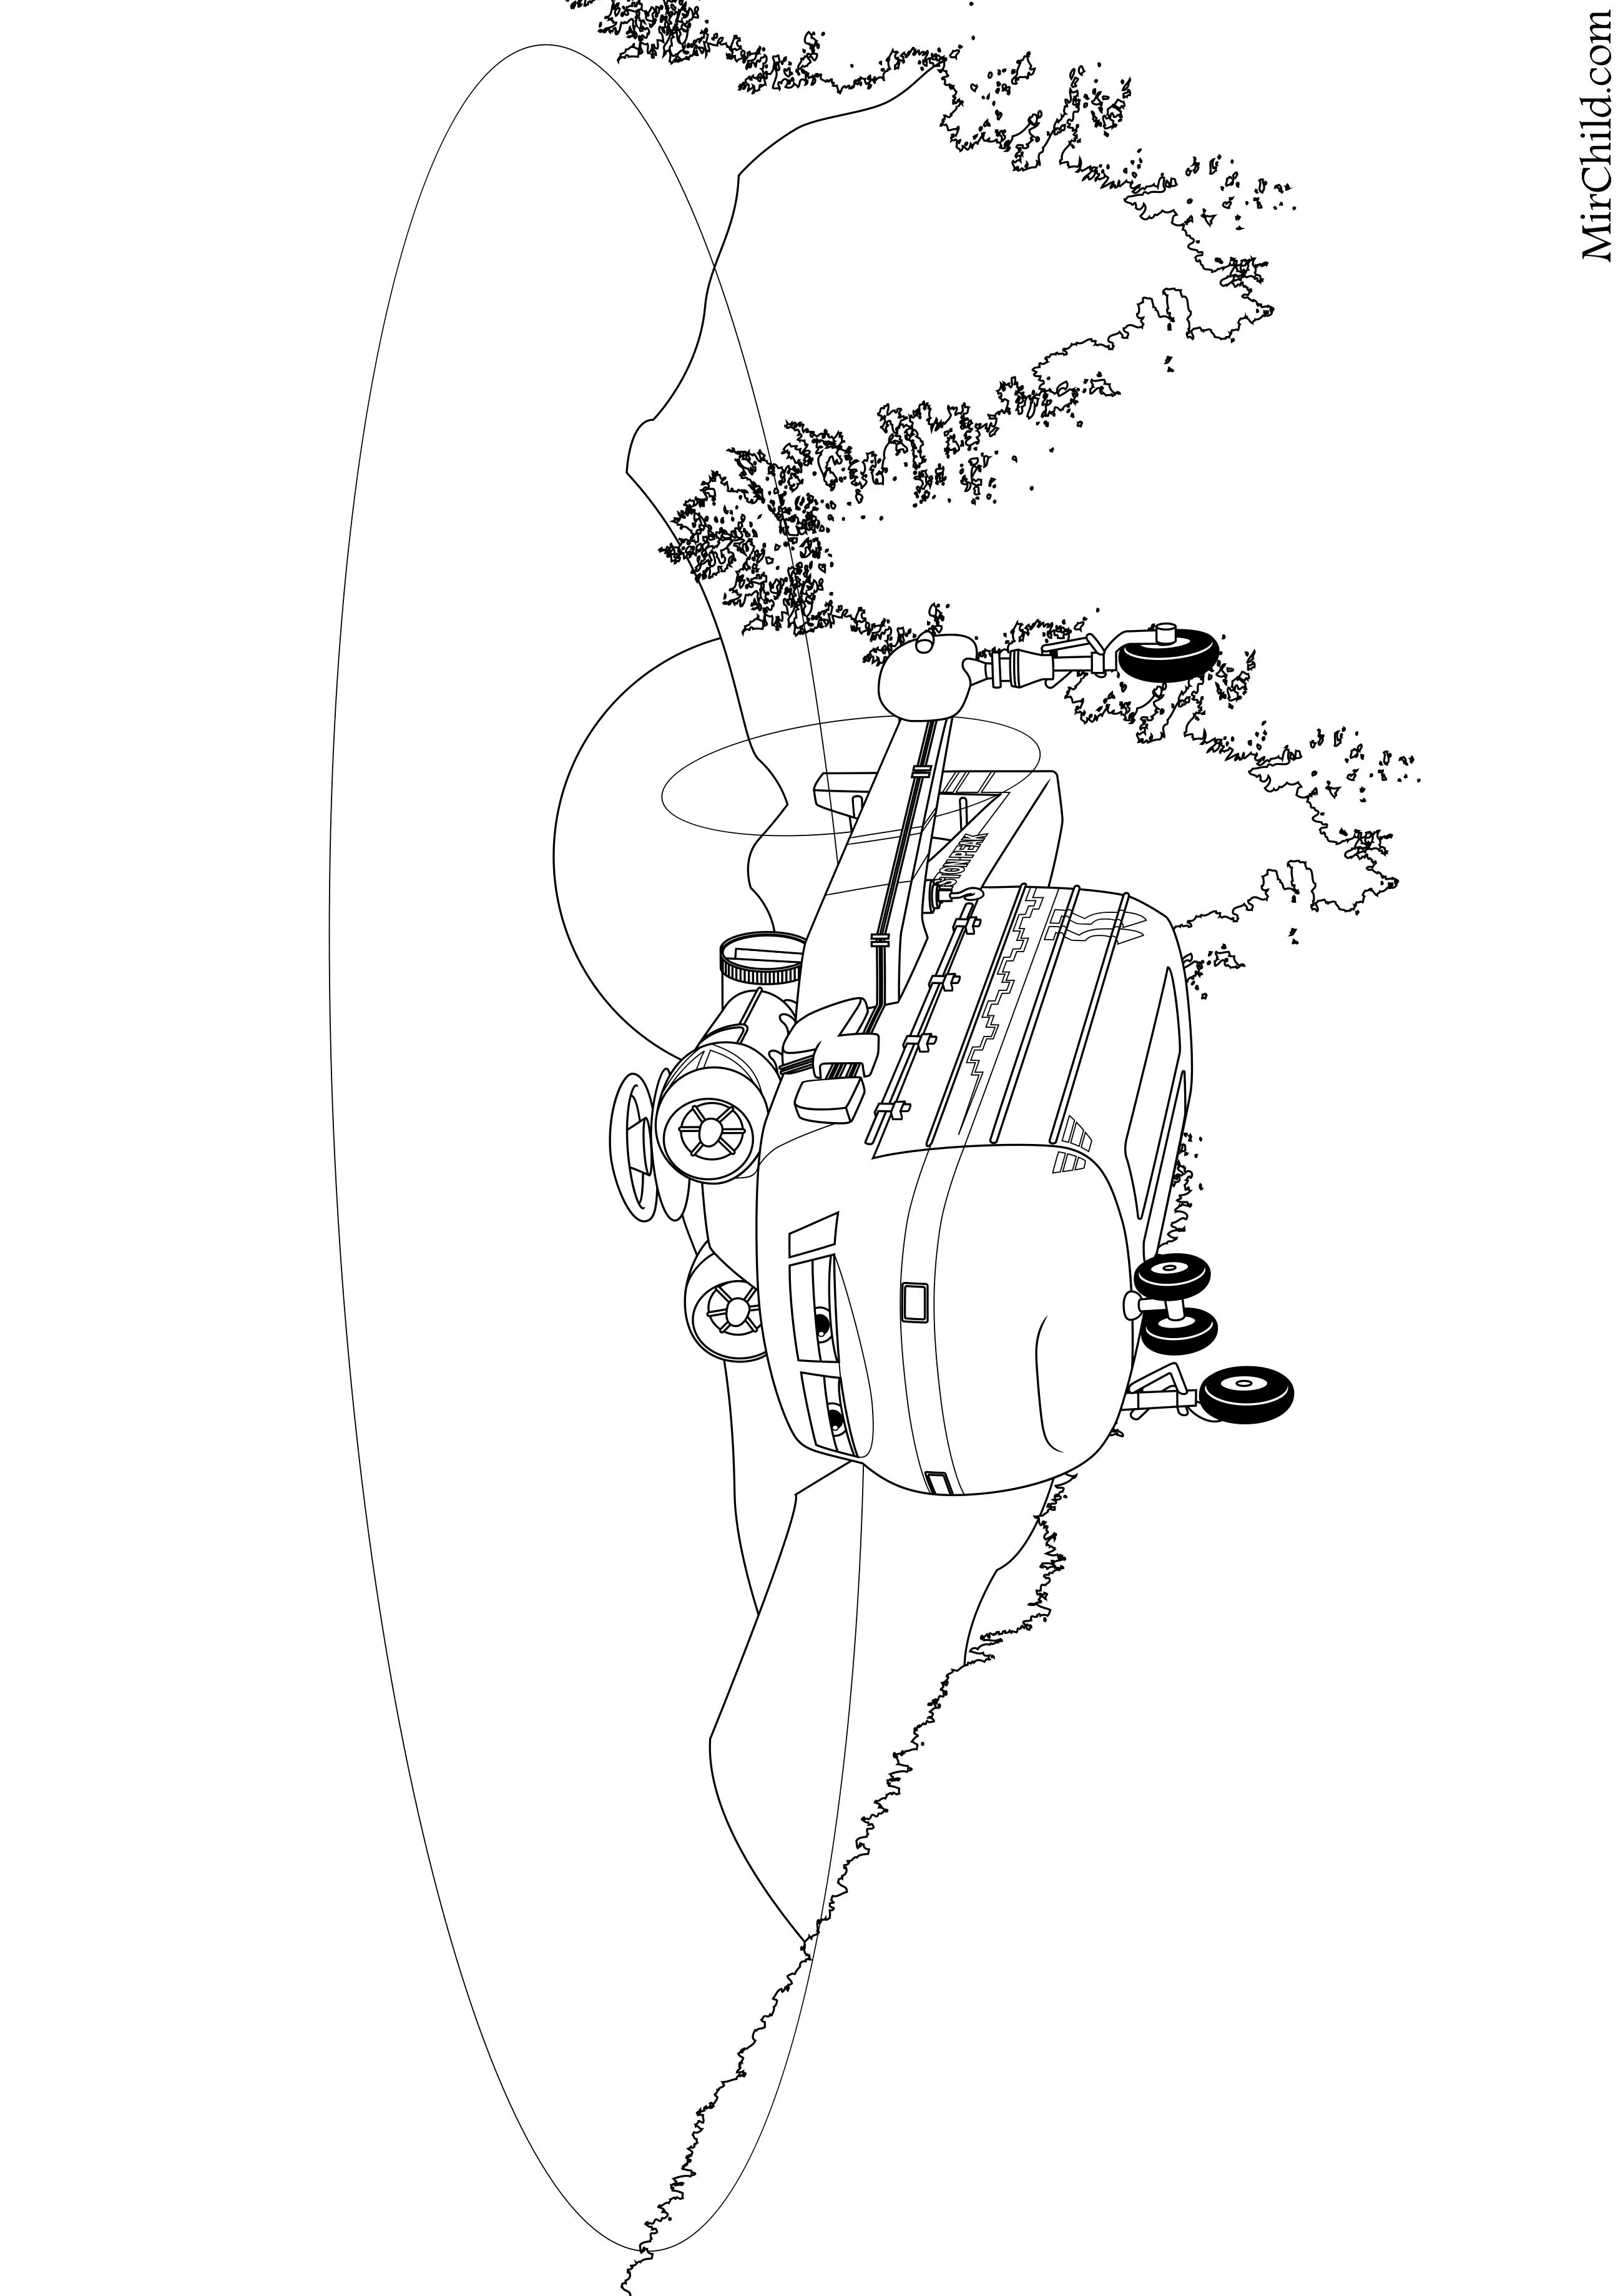 Раскраска - Самолёты: Огонь и вода - Ветродуй | MirChild